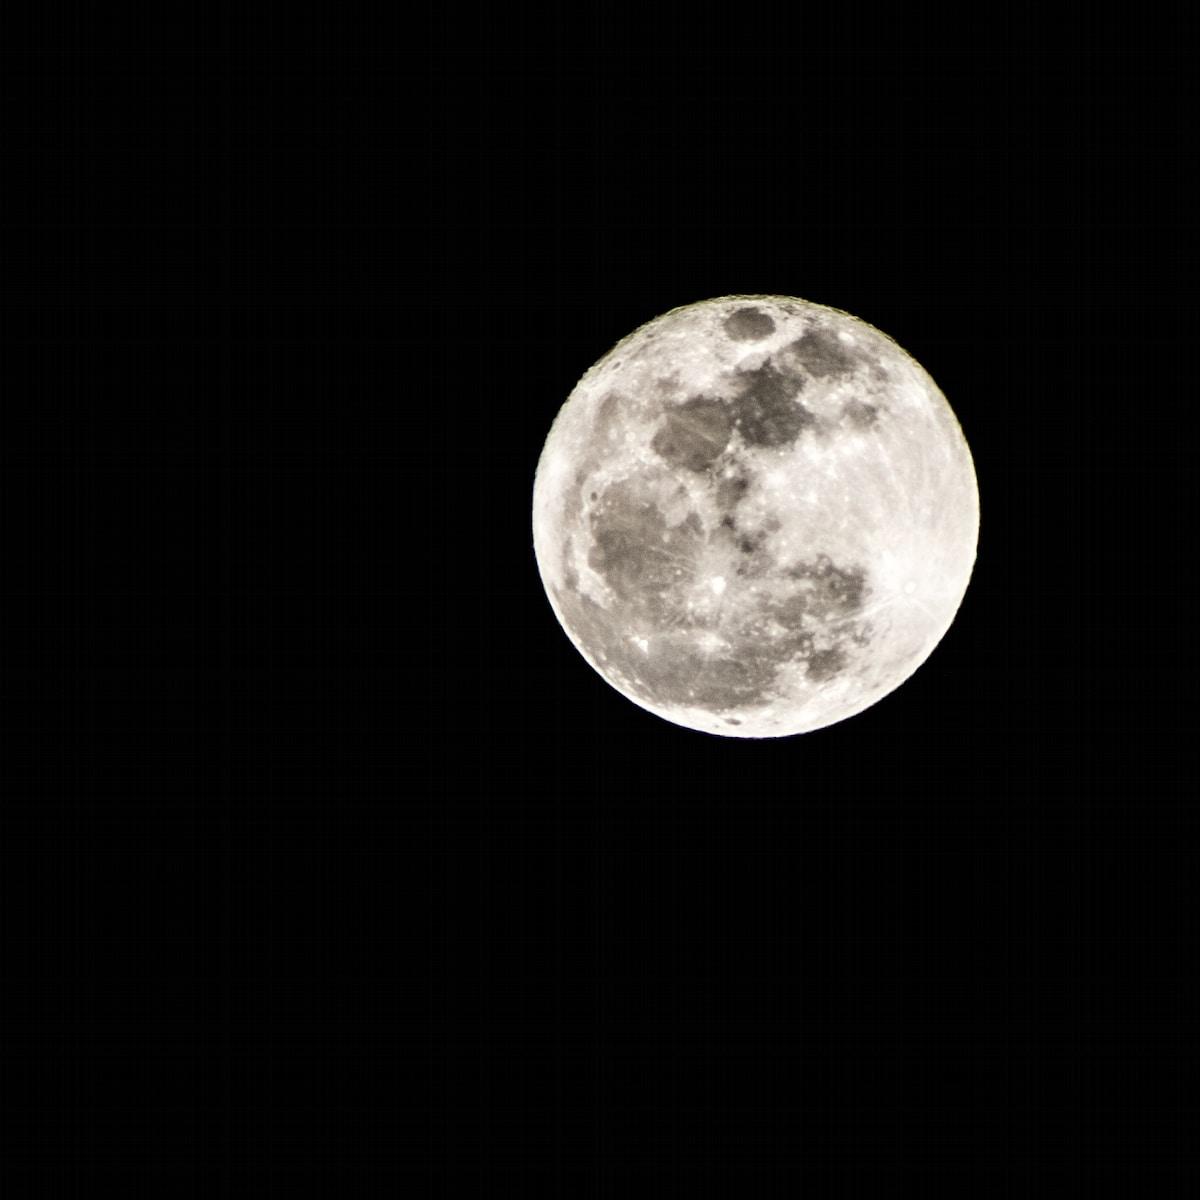 estación lunar, fullmoon at nighttime